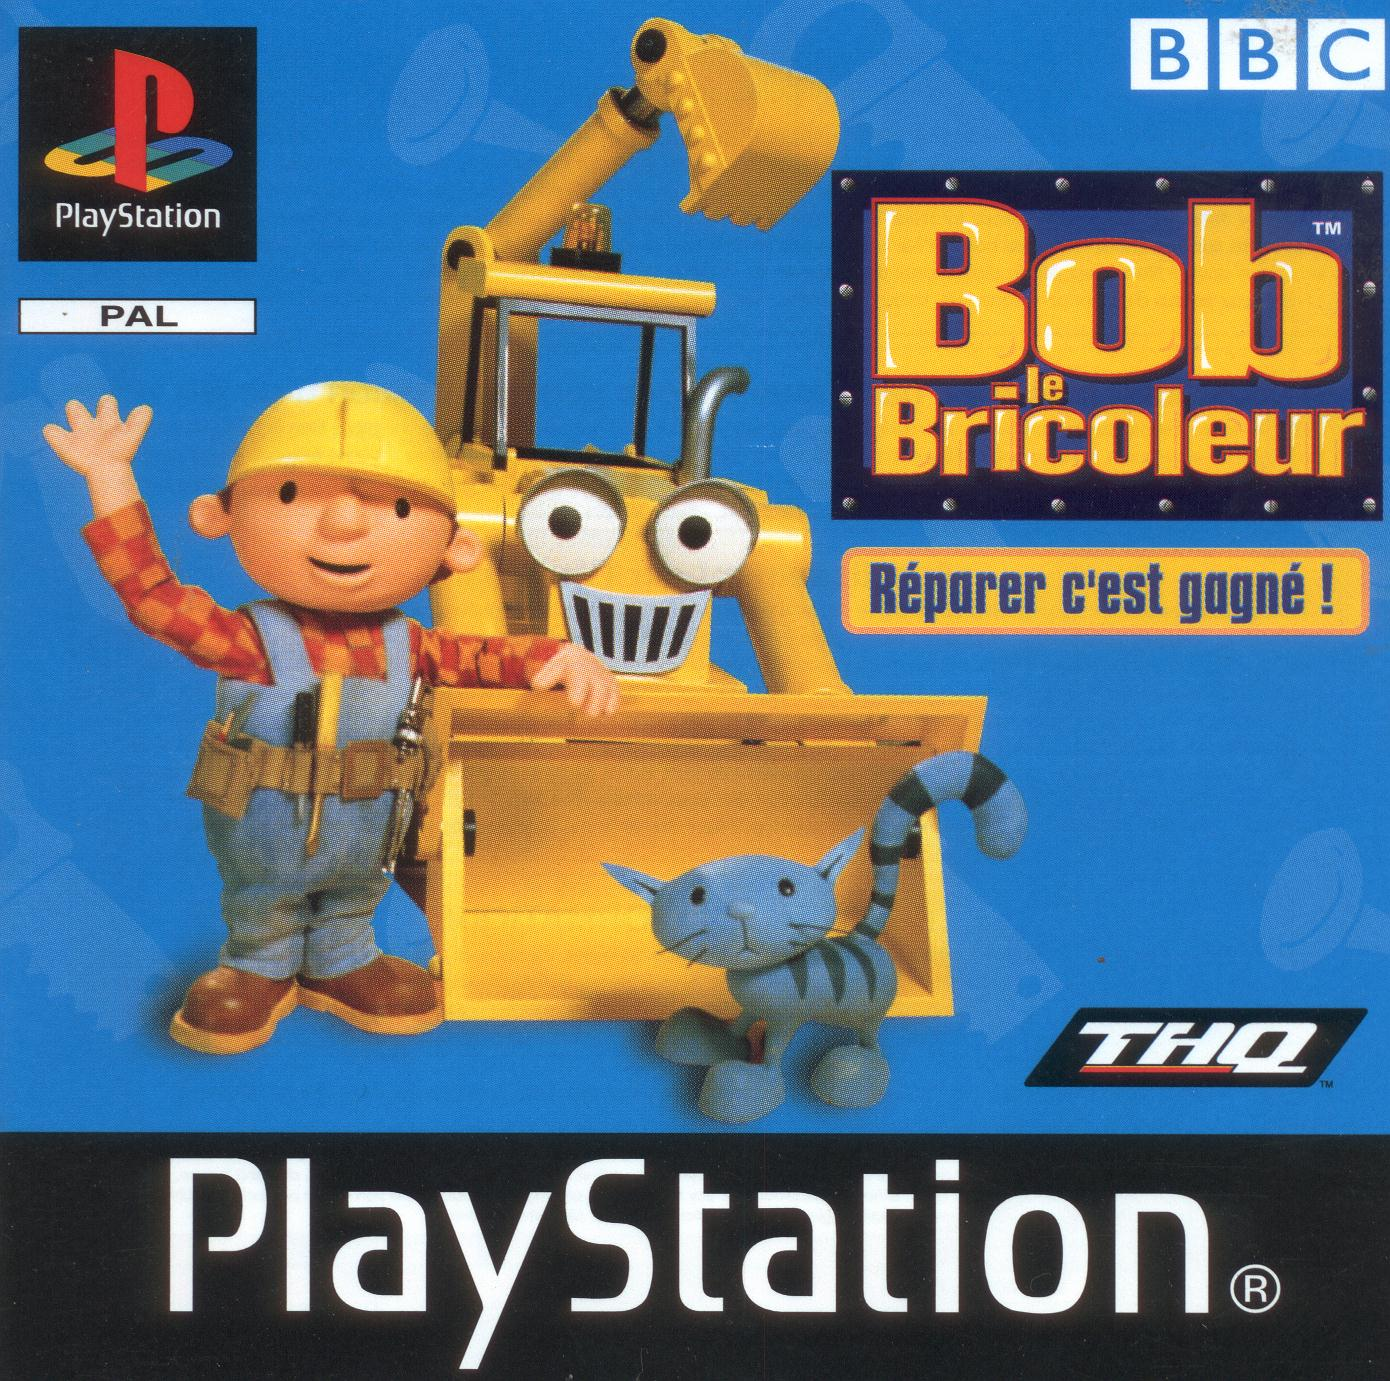 Monde blue playstation 2 cover a e by - Paroles bob le bricoleur ...